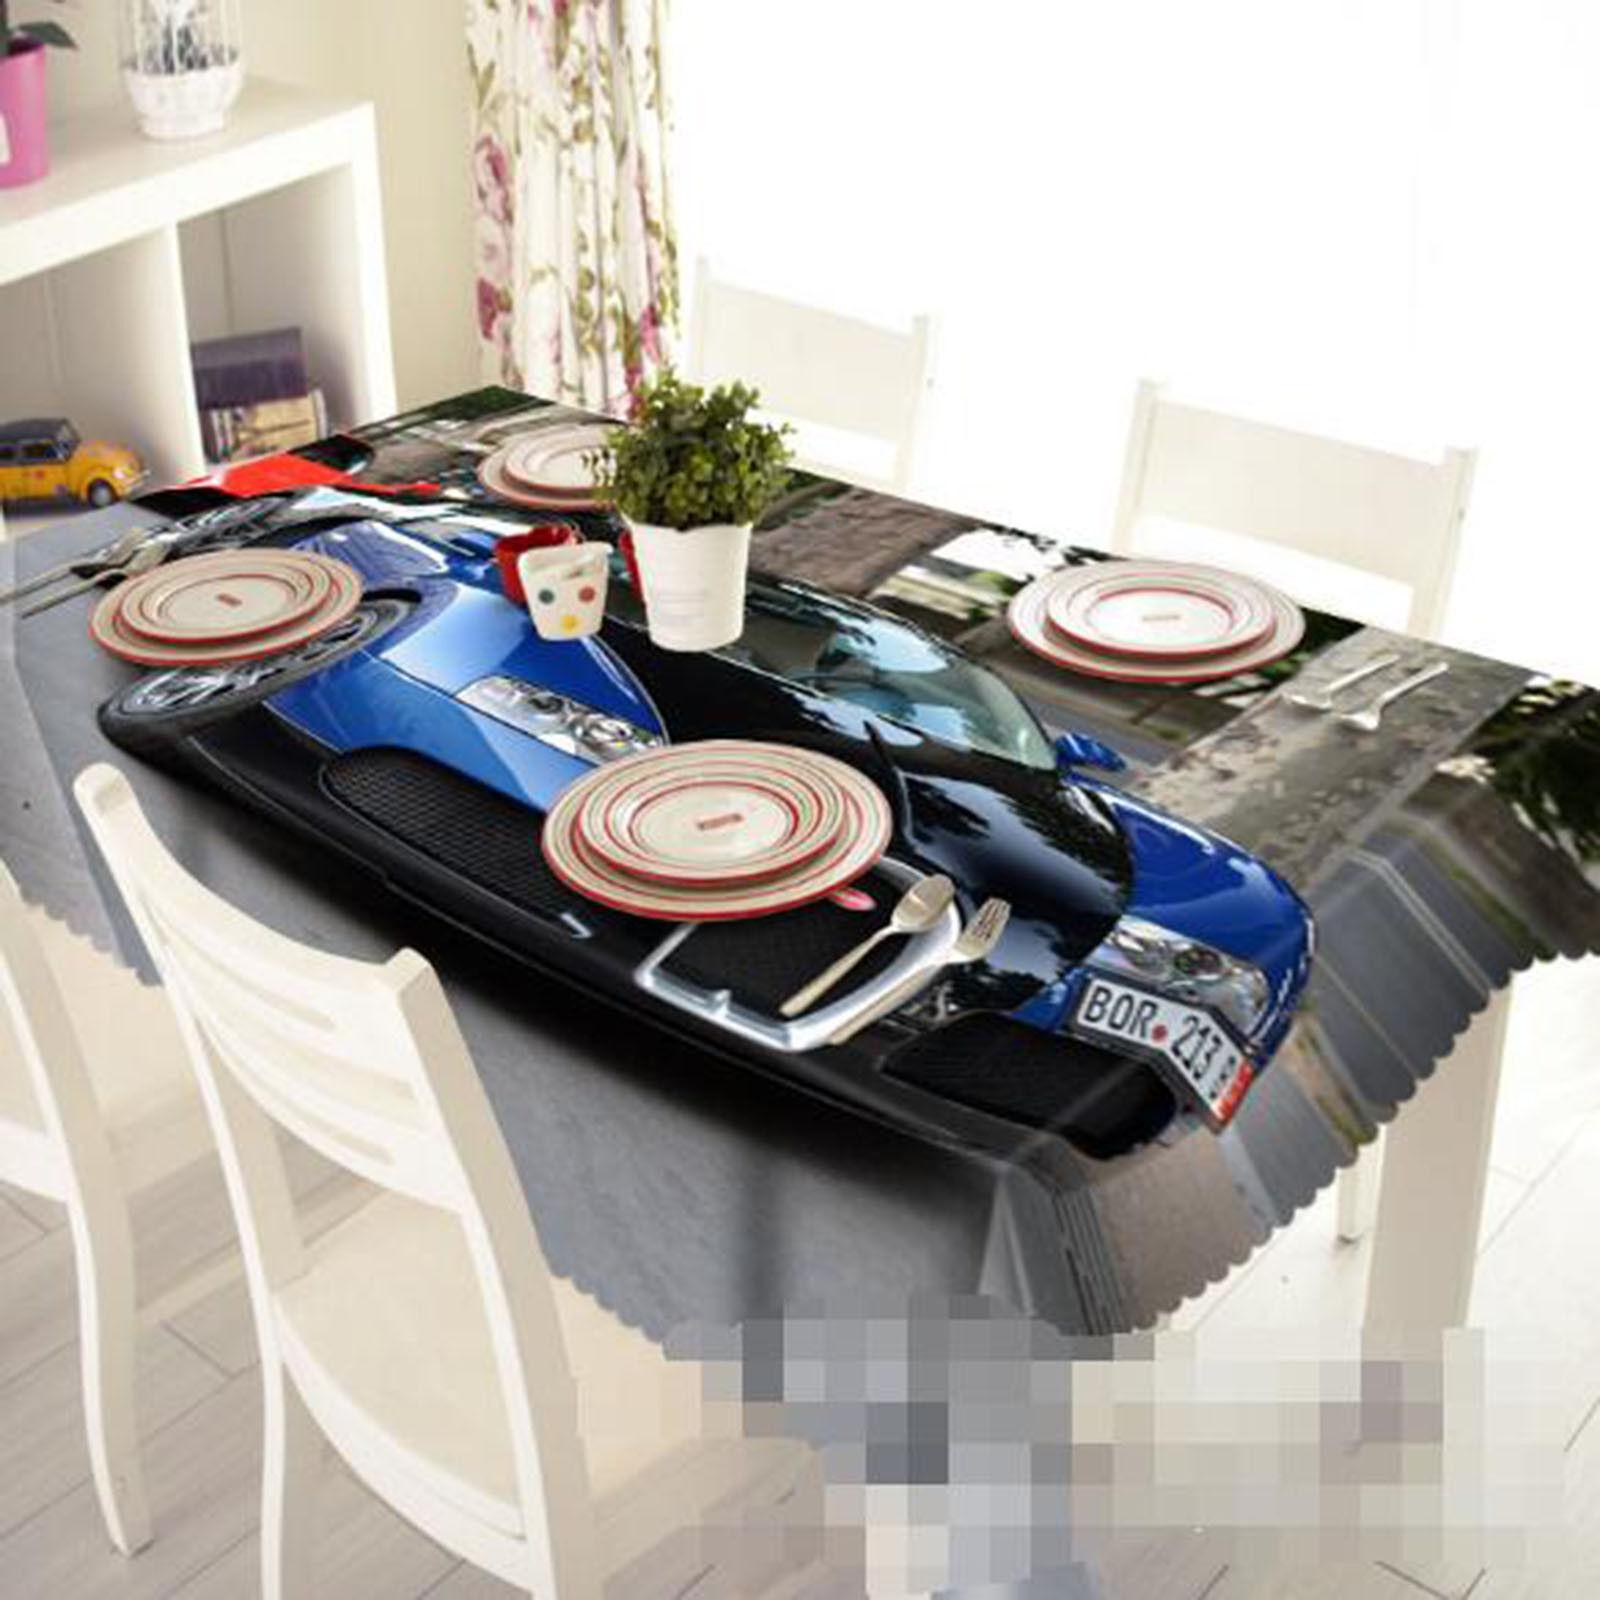 3D bleu Car 024 Tablecloth Table Cover Cloth Birthday Party Event AJ Lemon